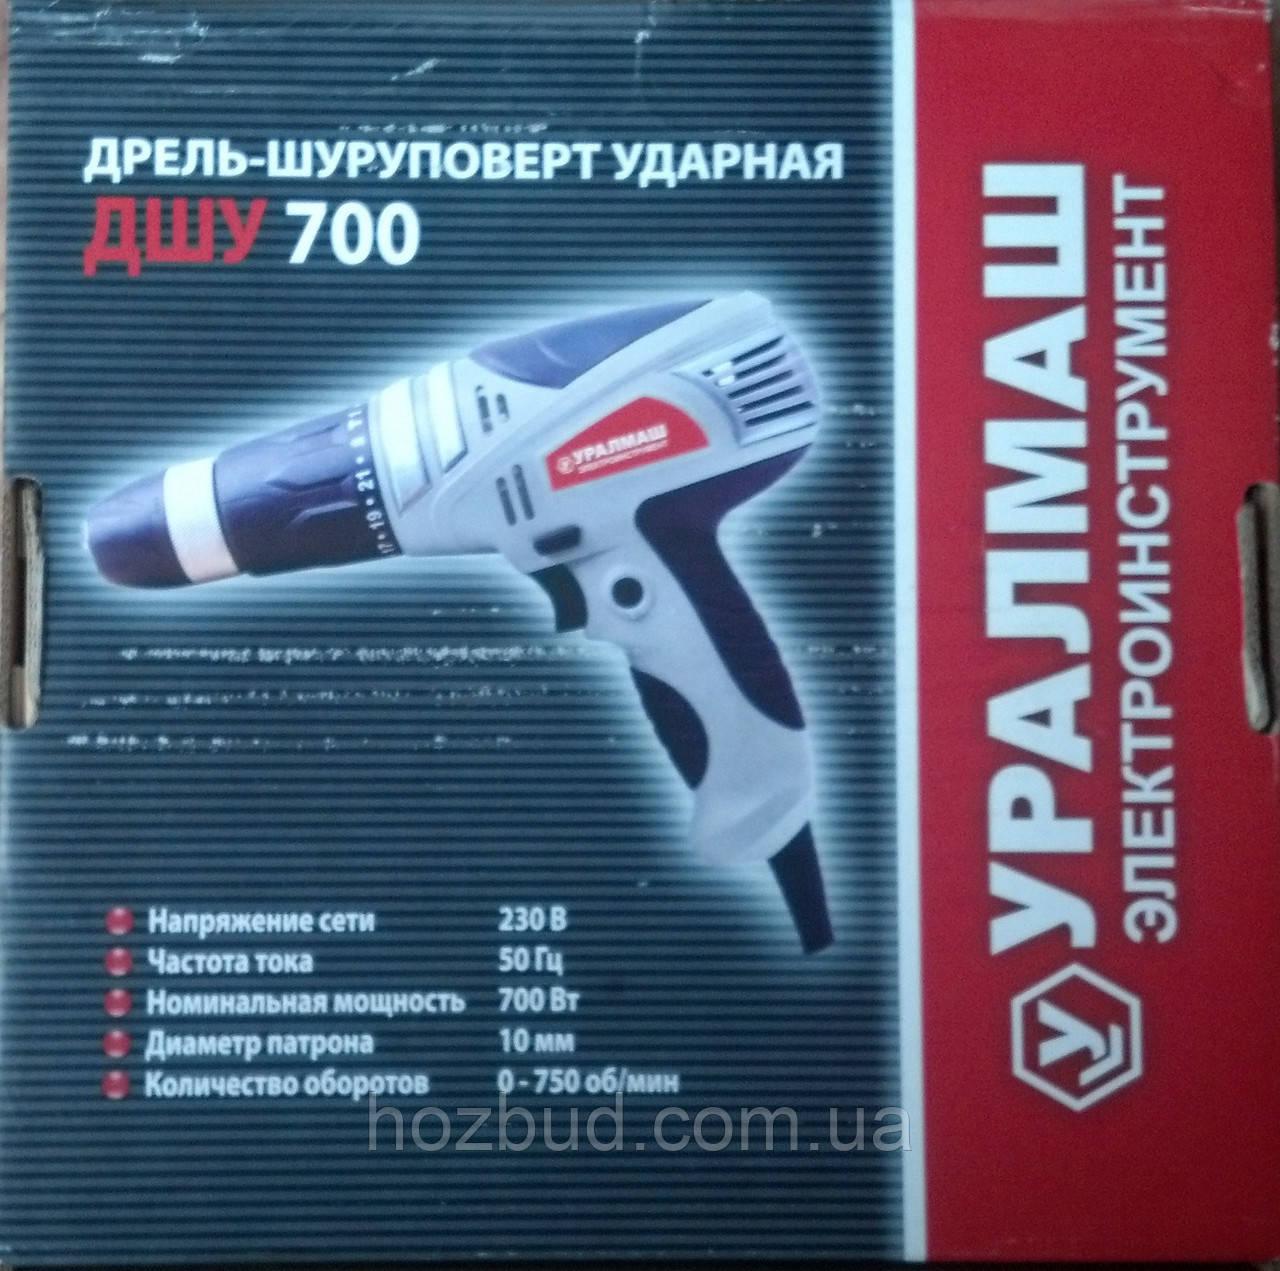 Сетевой шуруповерт Уралмаш ДШУ 700